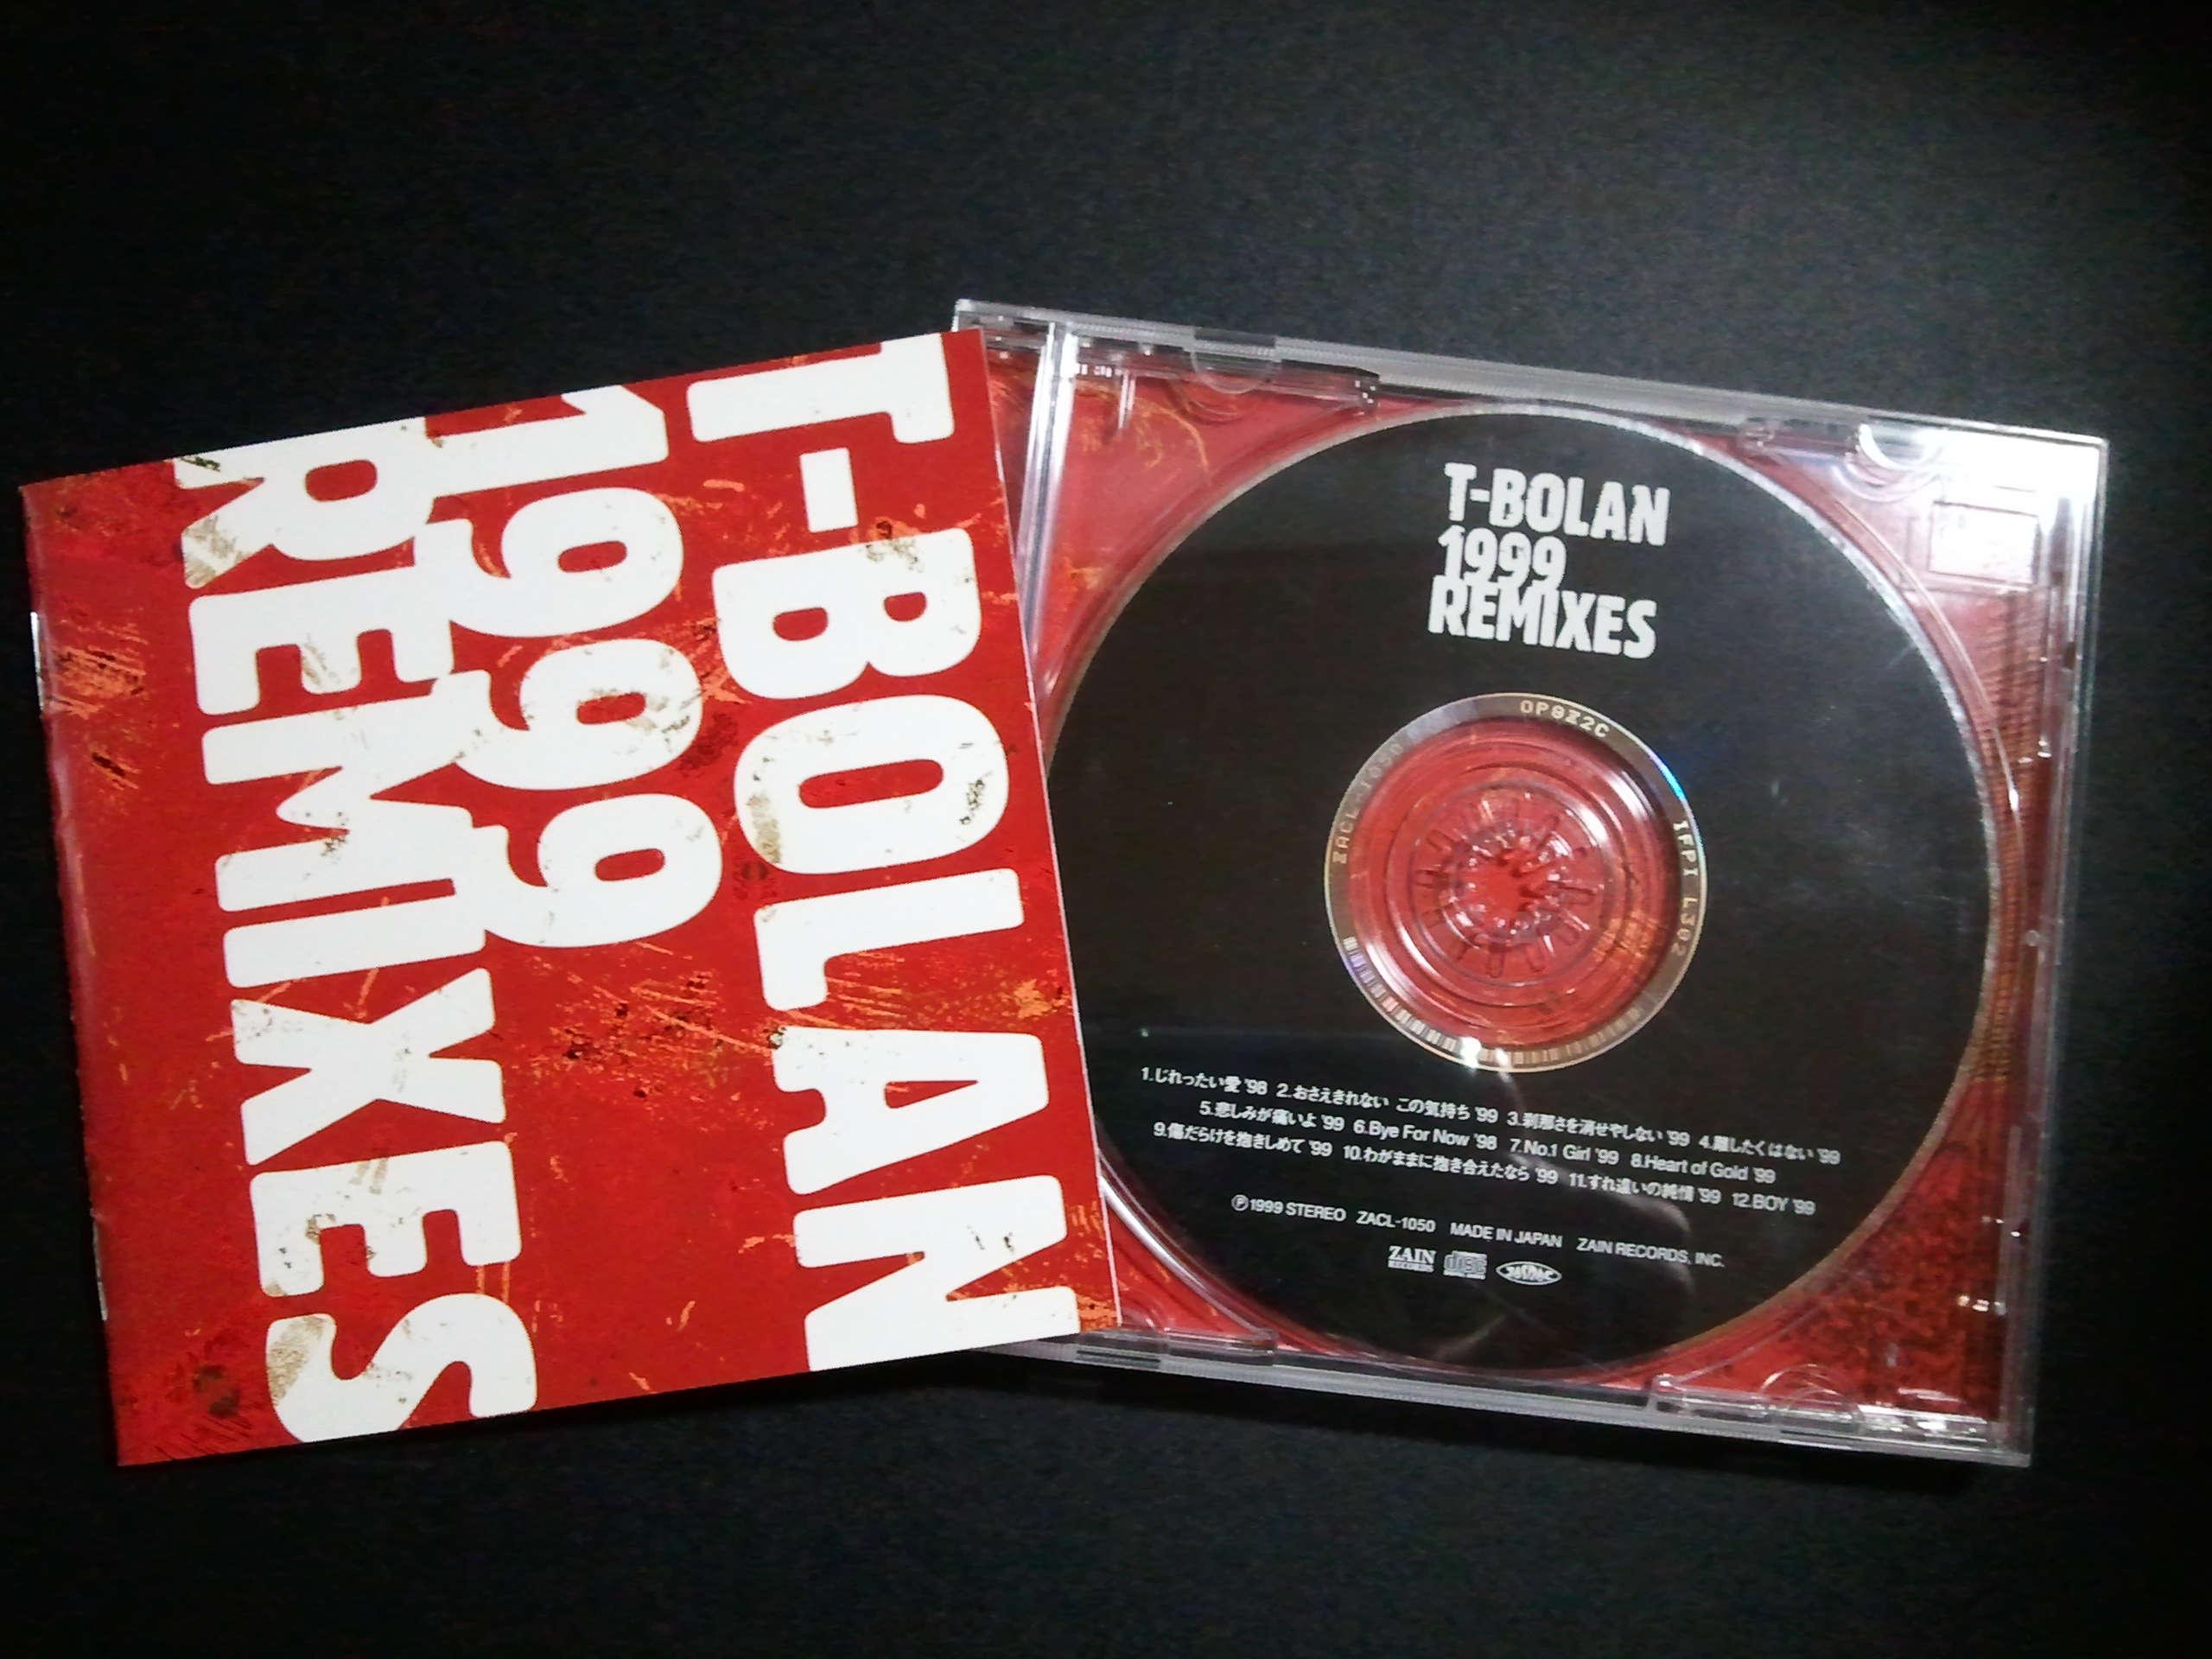 1999 Remixes